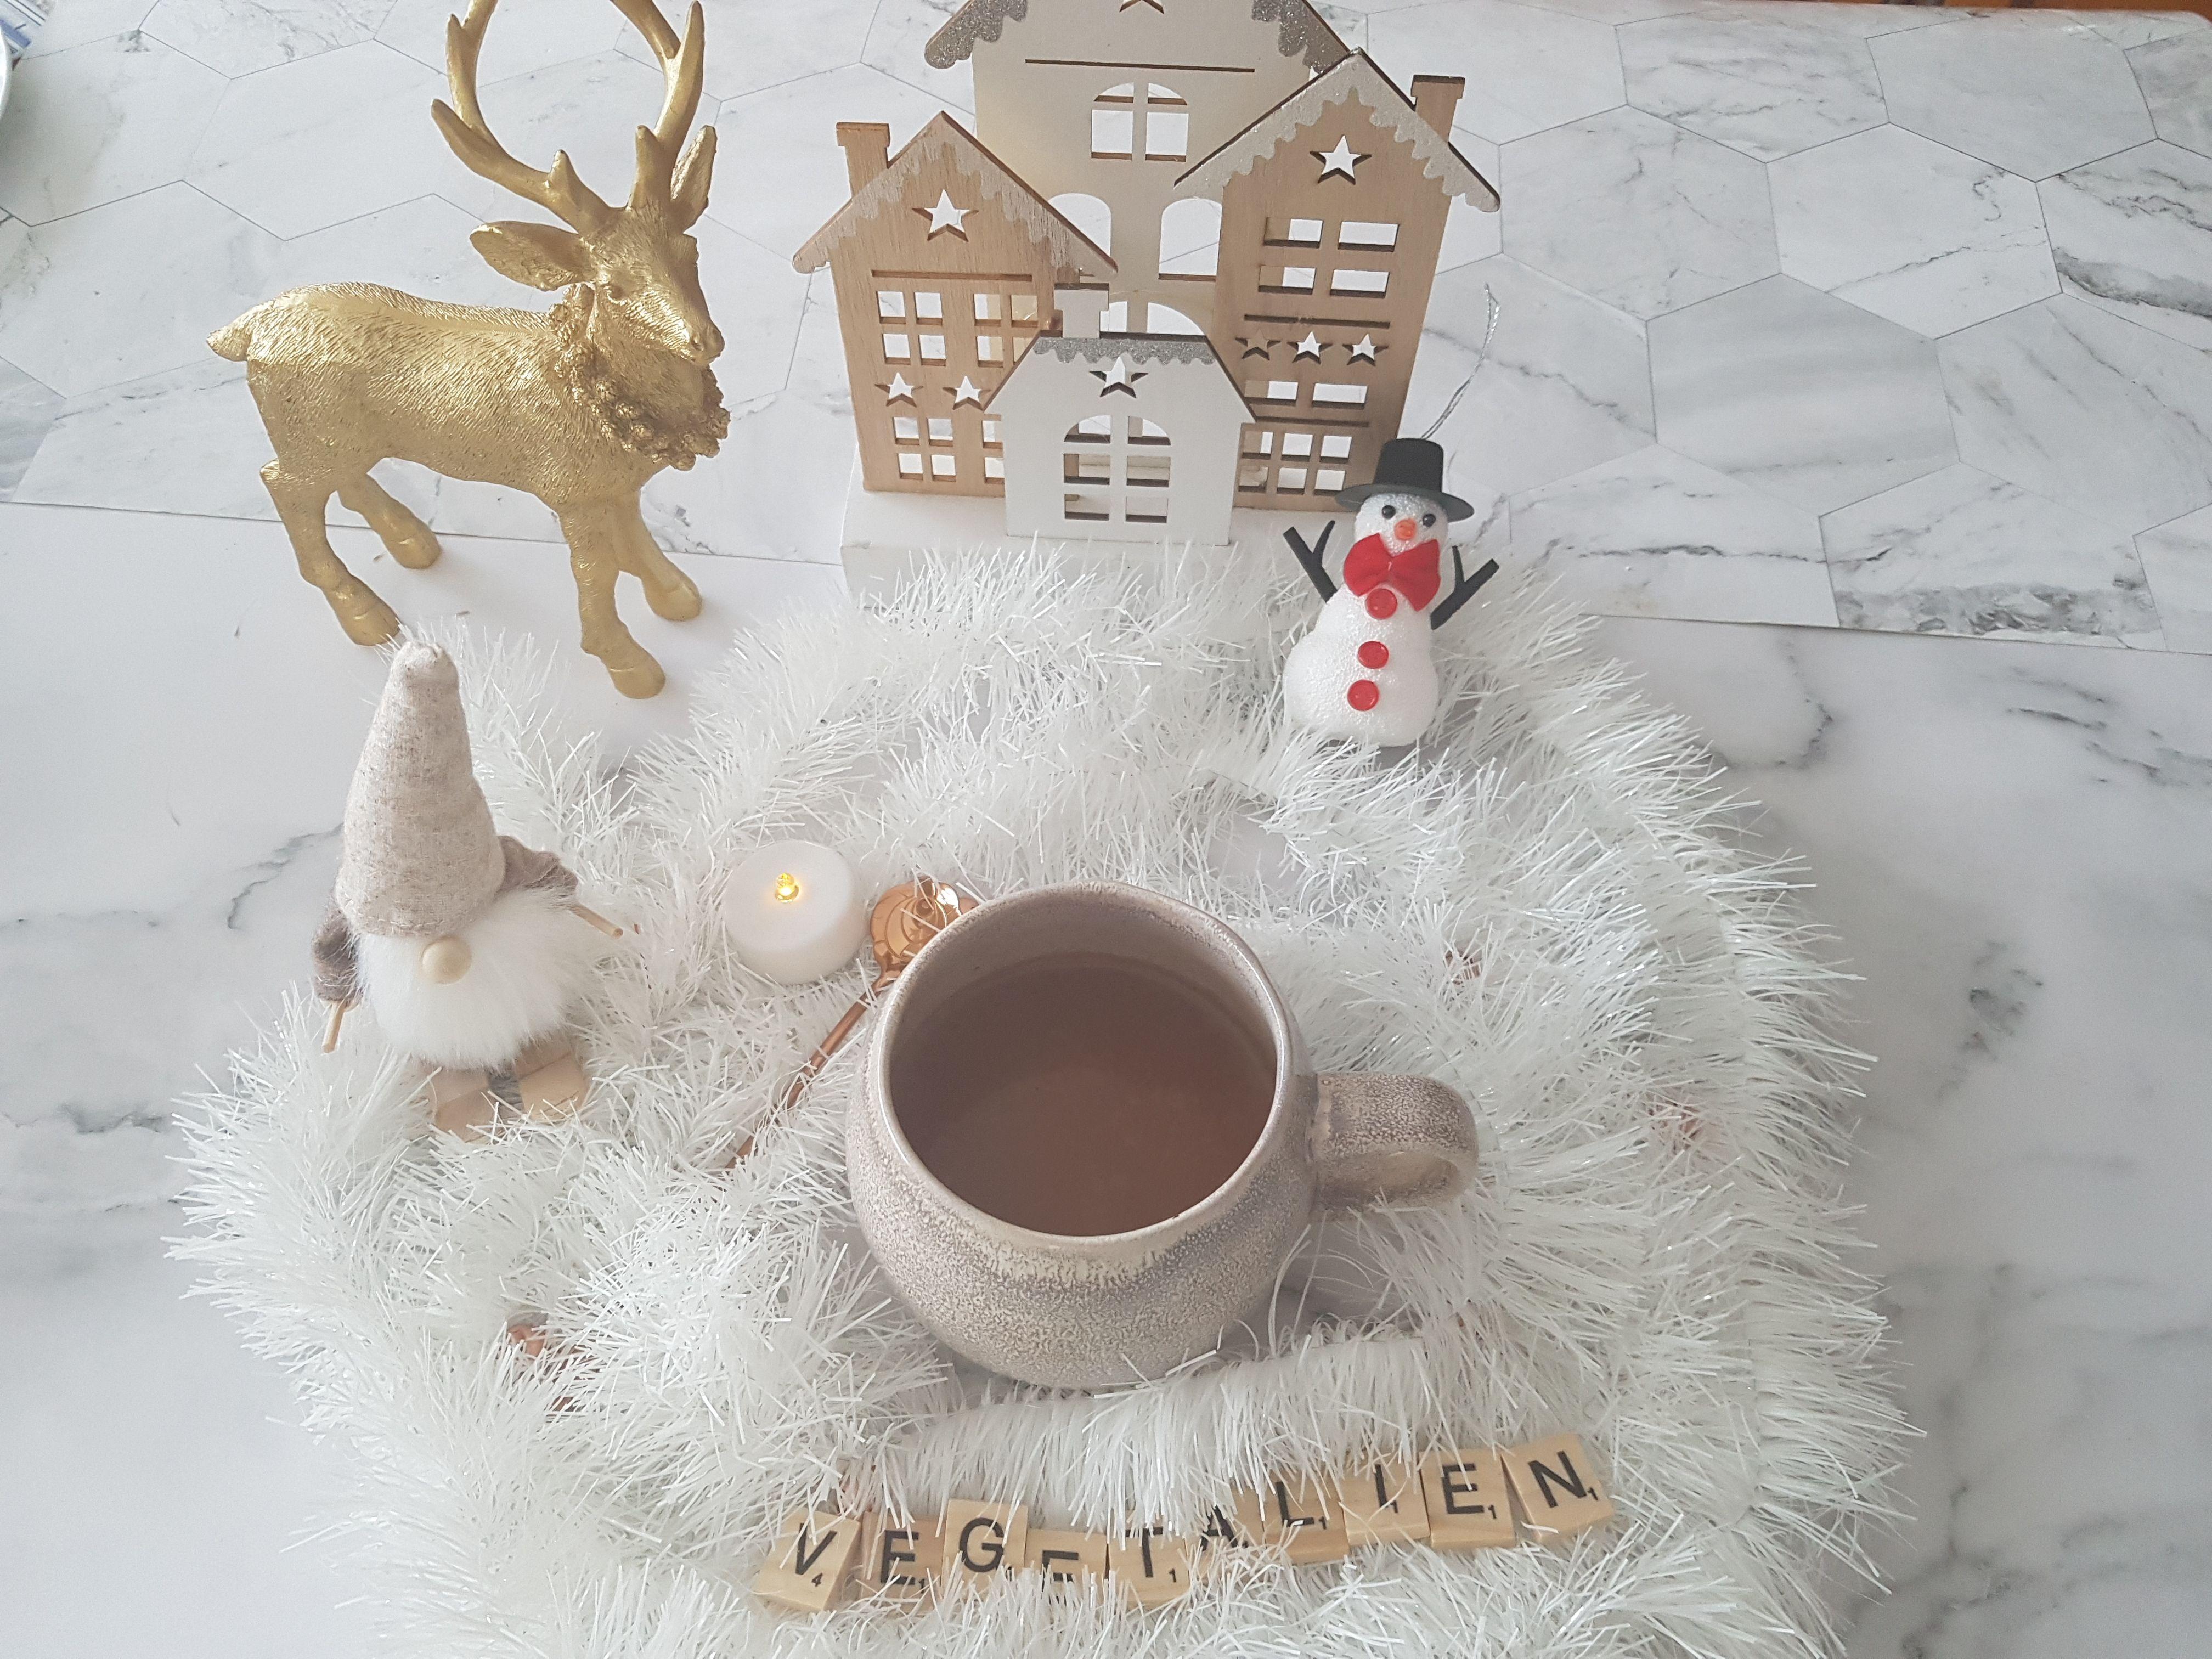 [RECETTES] 10 Chocolats chauds pour les soirées d'hiver – Carol&RecettesChocolat